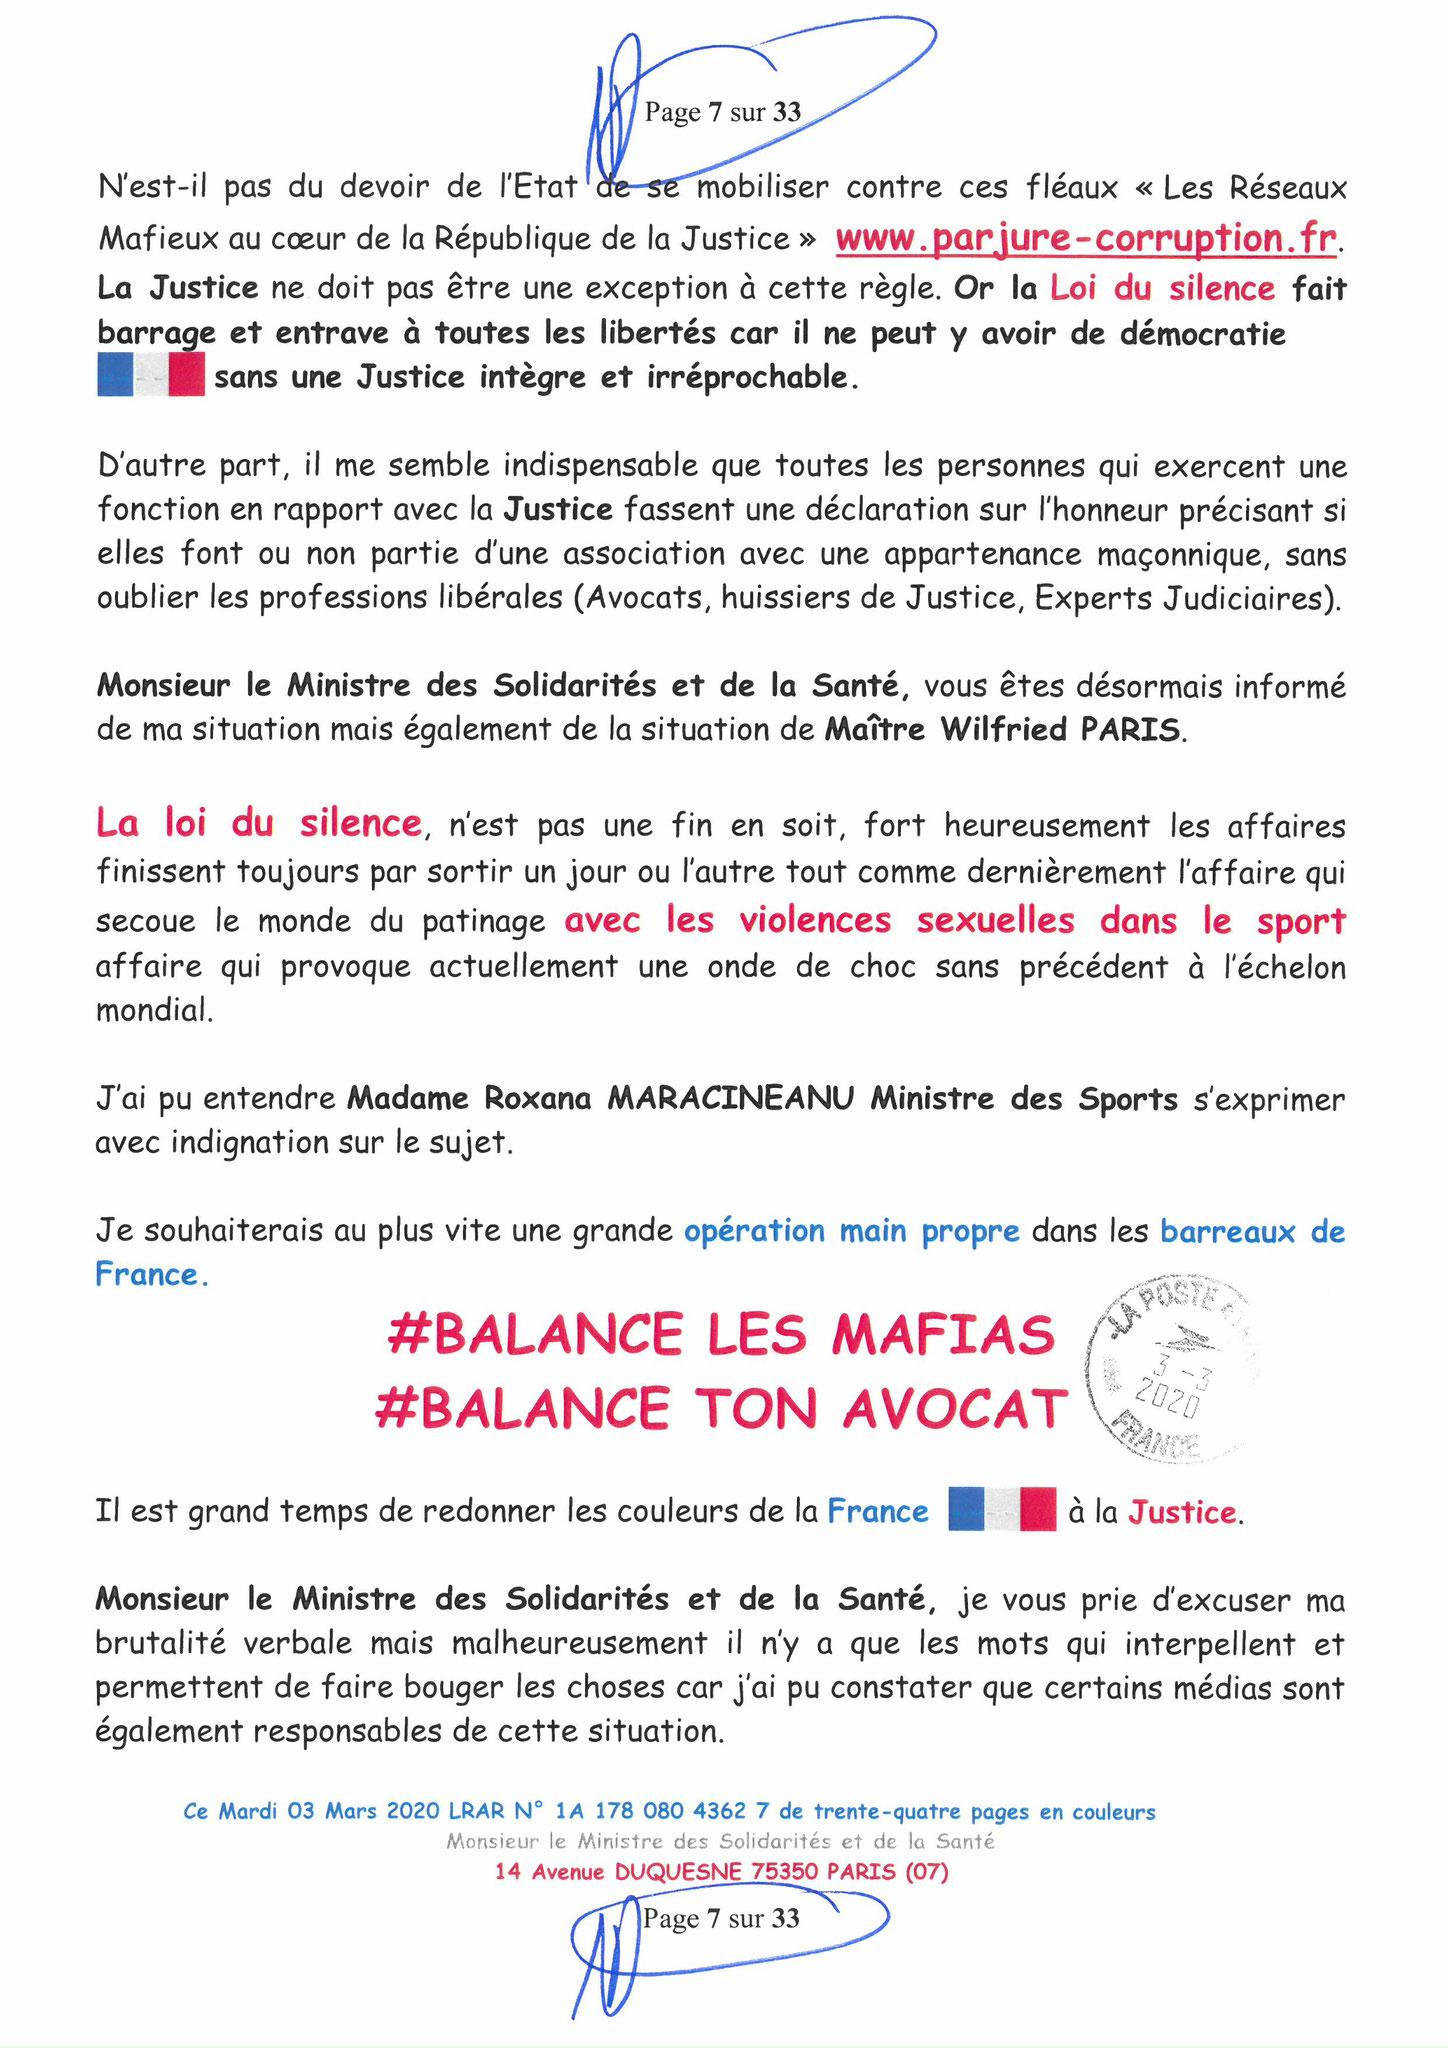 Page 7 sur 33 Ma lettre recommandée N0 1A 178 080 4362 7 du 03 Mars 2020 à Monsieur Olivier VERAN le Ministre de la Santé et des Solidarités www.jesuispatrick.fr www.jesuisvictime.fr www.alerte-rouge-france.fr